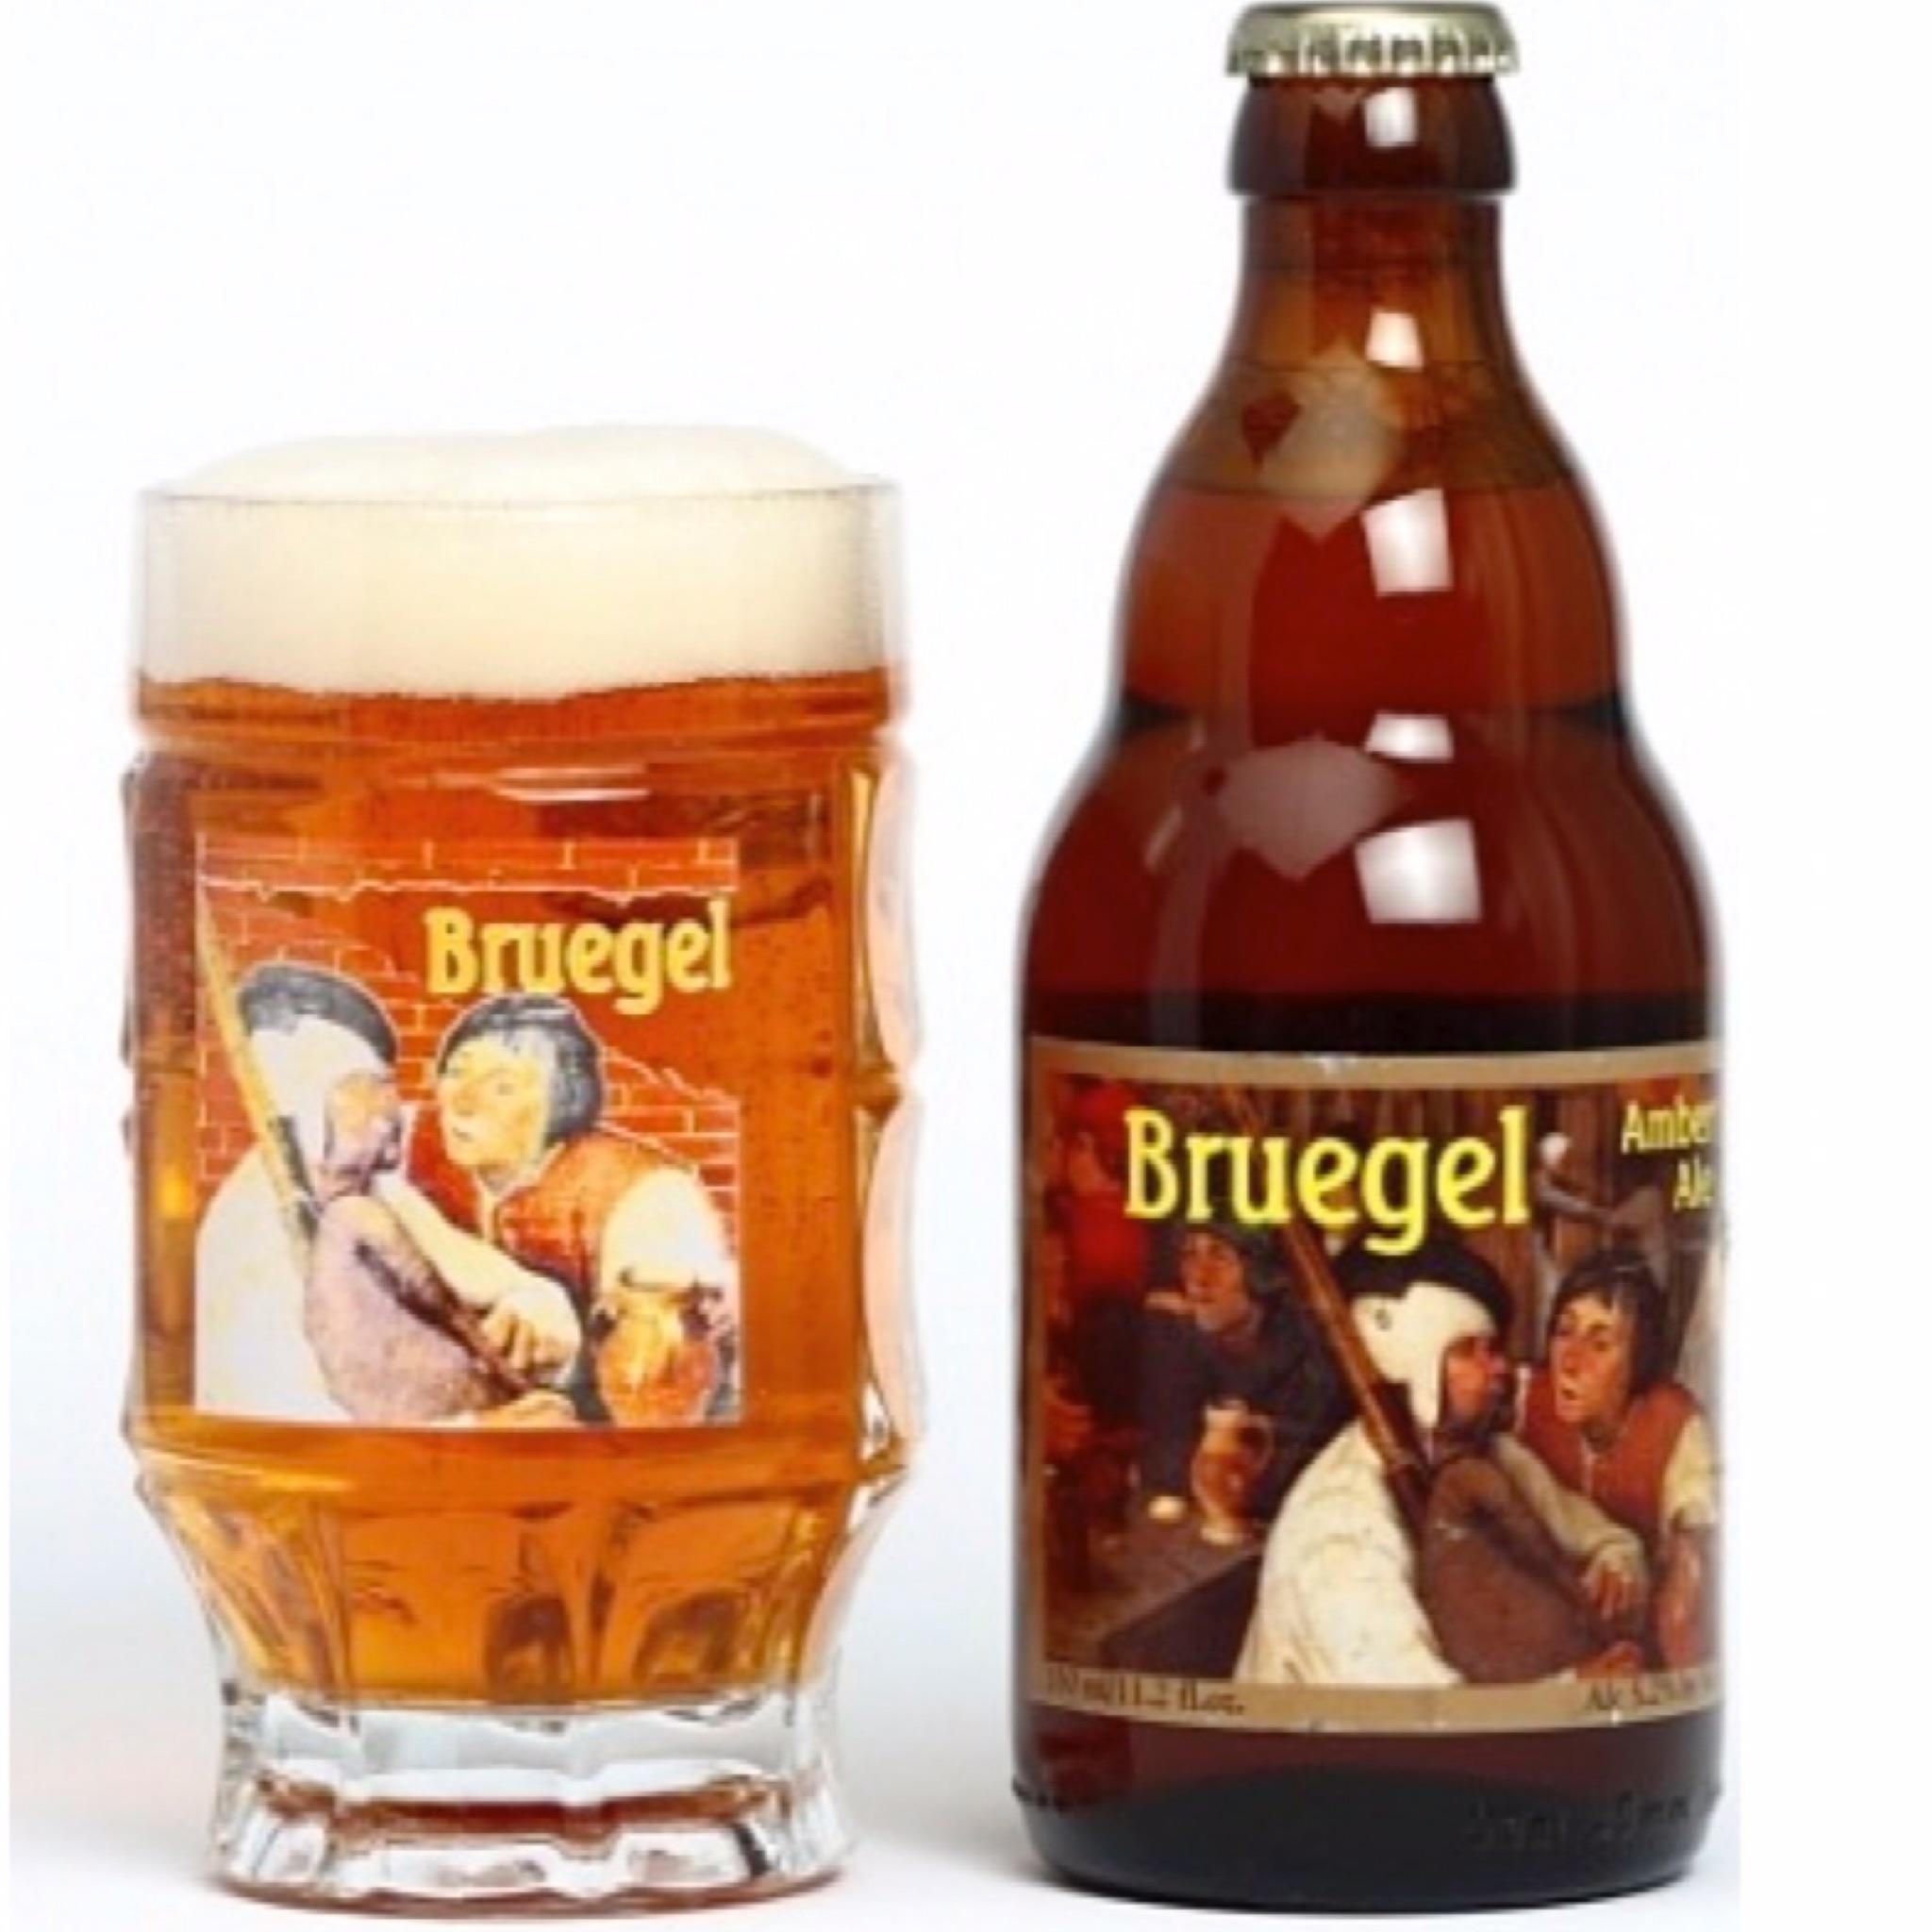 Bruegel Amber Ale 5.2% 330ml Van Steenberge Brewery